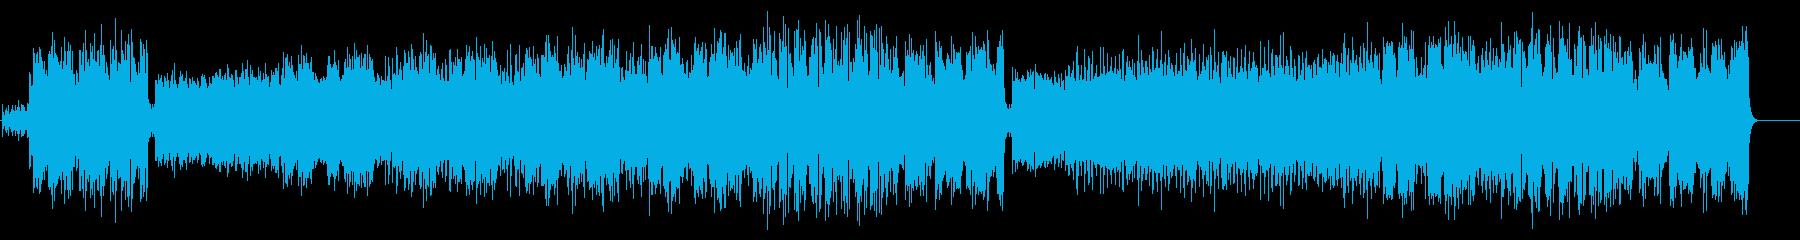 ラテン・フレーバー漂うアーバン・ポップスの再生済みの波形